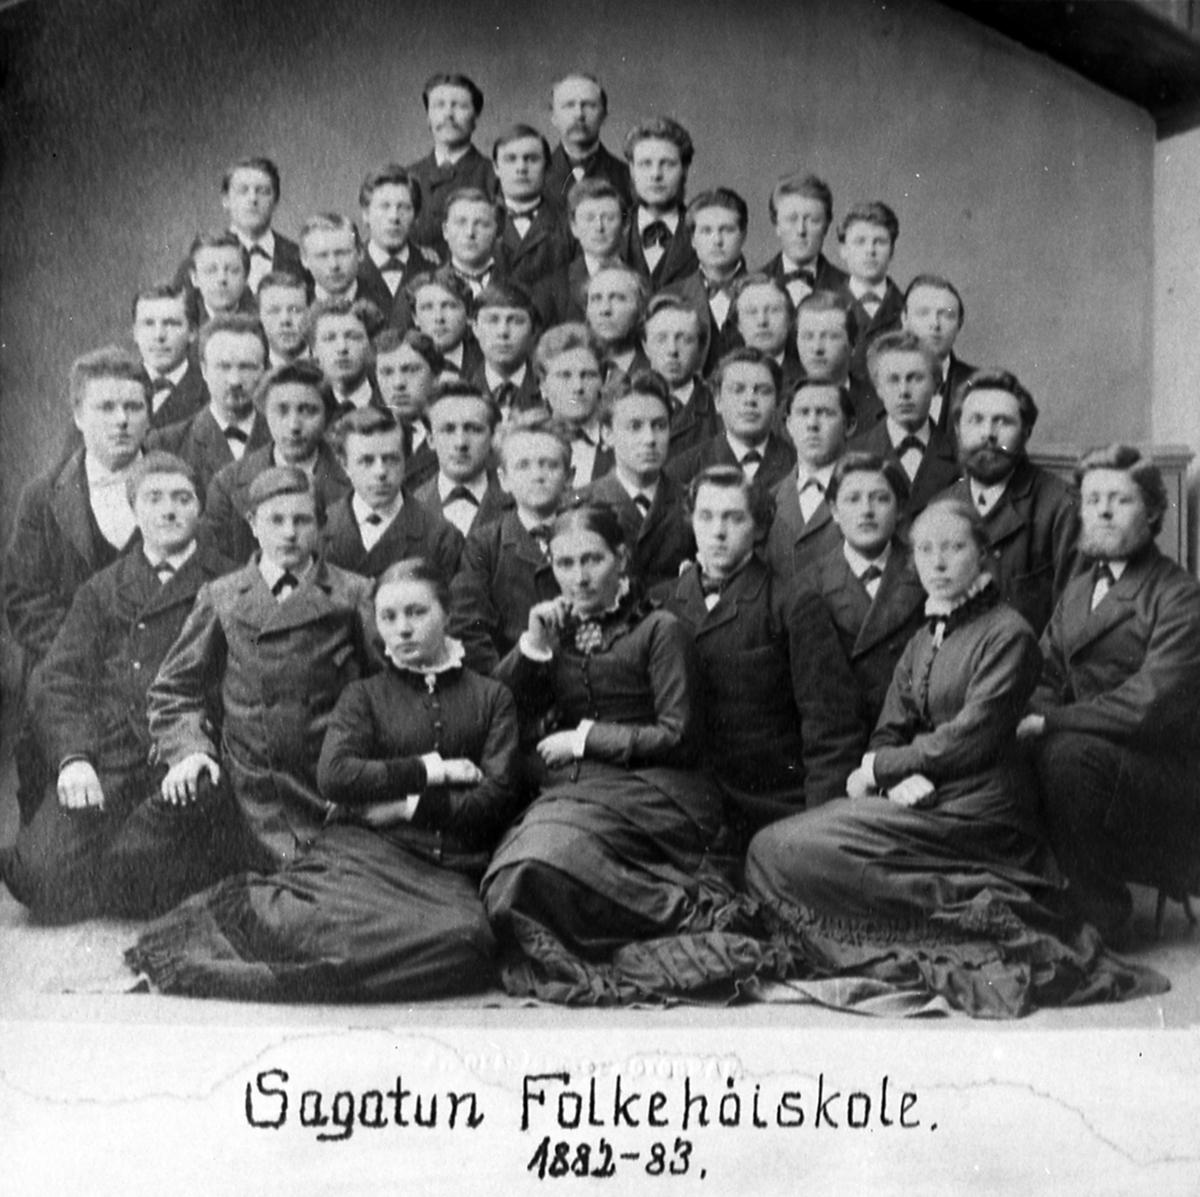 Sagatun Folkehøyskole